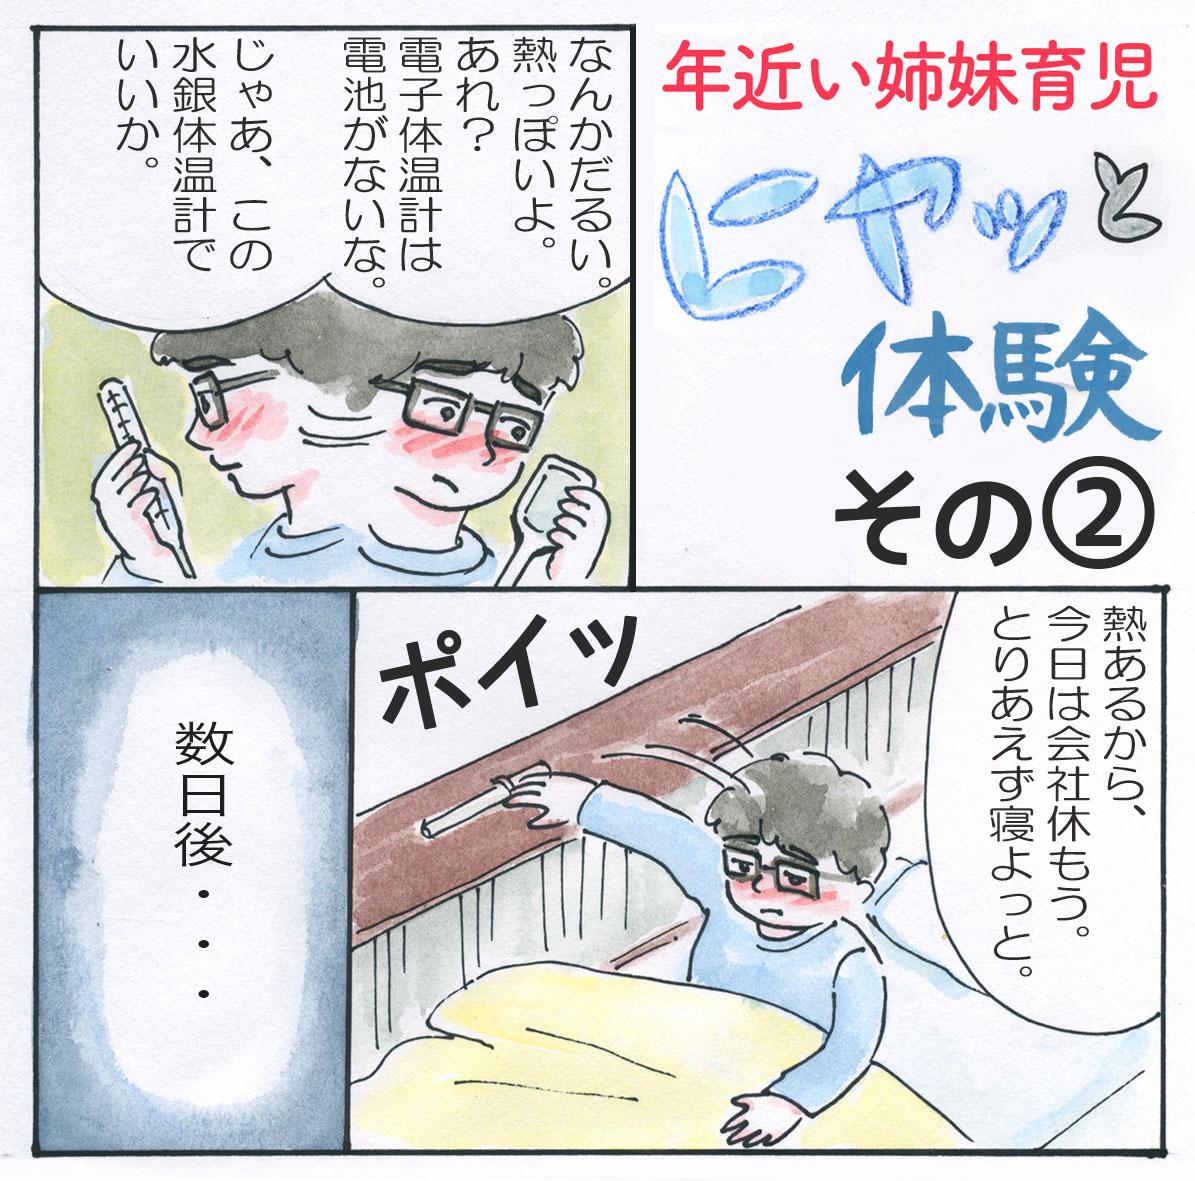 水銀体温計パニック!